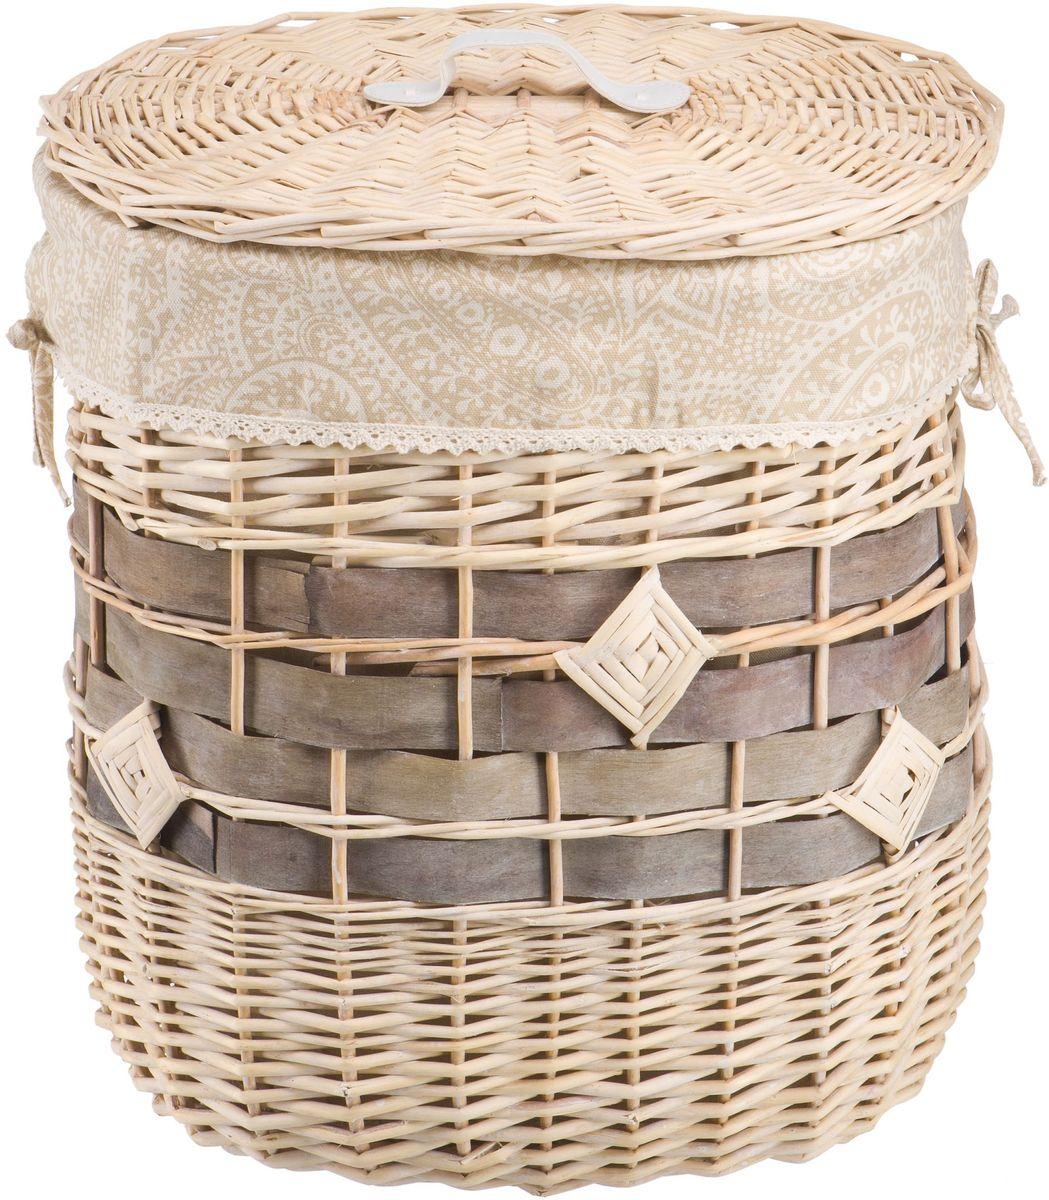 Корзина для белья Natural House Ромбики, цвет: молочный, 42 х 32 х 47 смEW-09 MБельевая корзина Natural House из лозы ивы не только удобна, практична, но и прекрасно выглядит. Высокое качество и натуральные материалы гармонично сочетаются и создают в доме уют и теплое настроение.В комплекте с корзиной идет съемный чехол, который легко снимается и стирается.